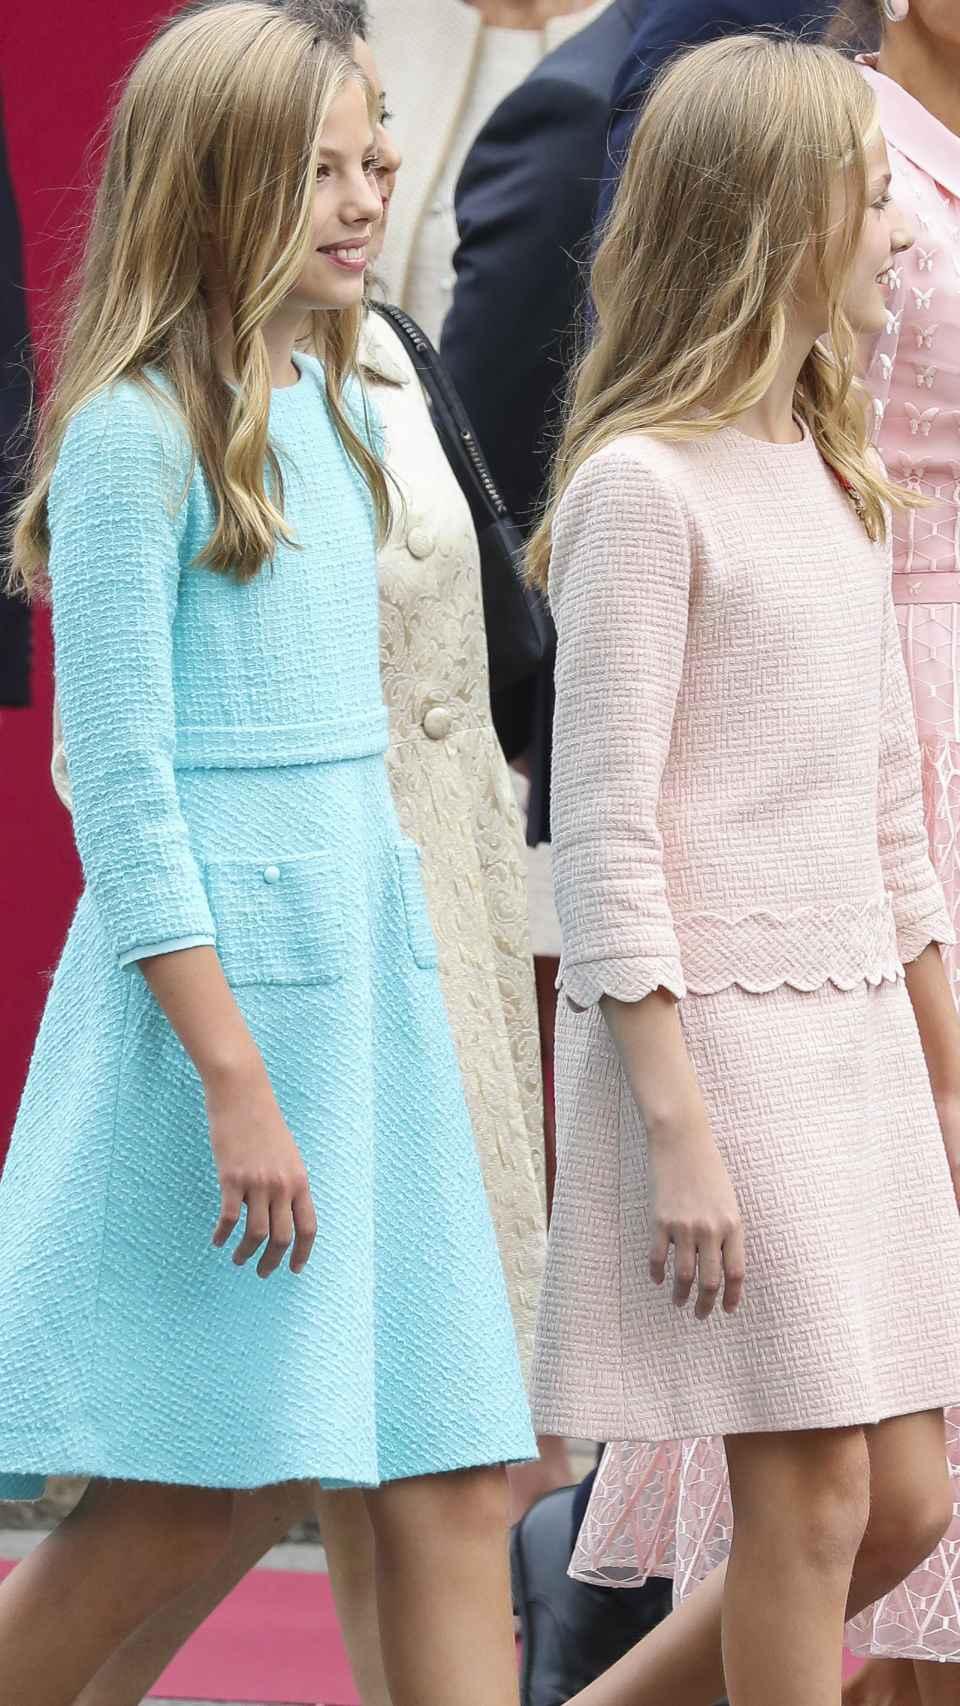 Mientras la menor ha vestido el tono azul bebé aturquesado, la mayor ha lucido un color rosa talco.